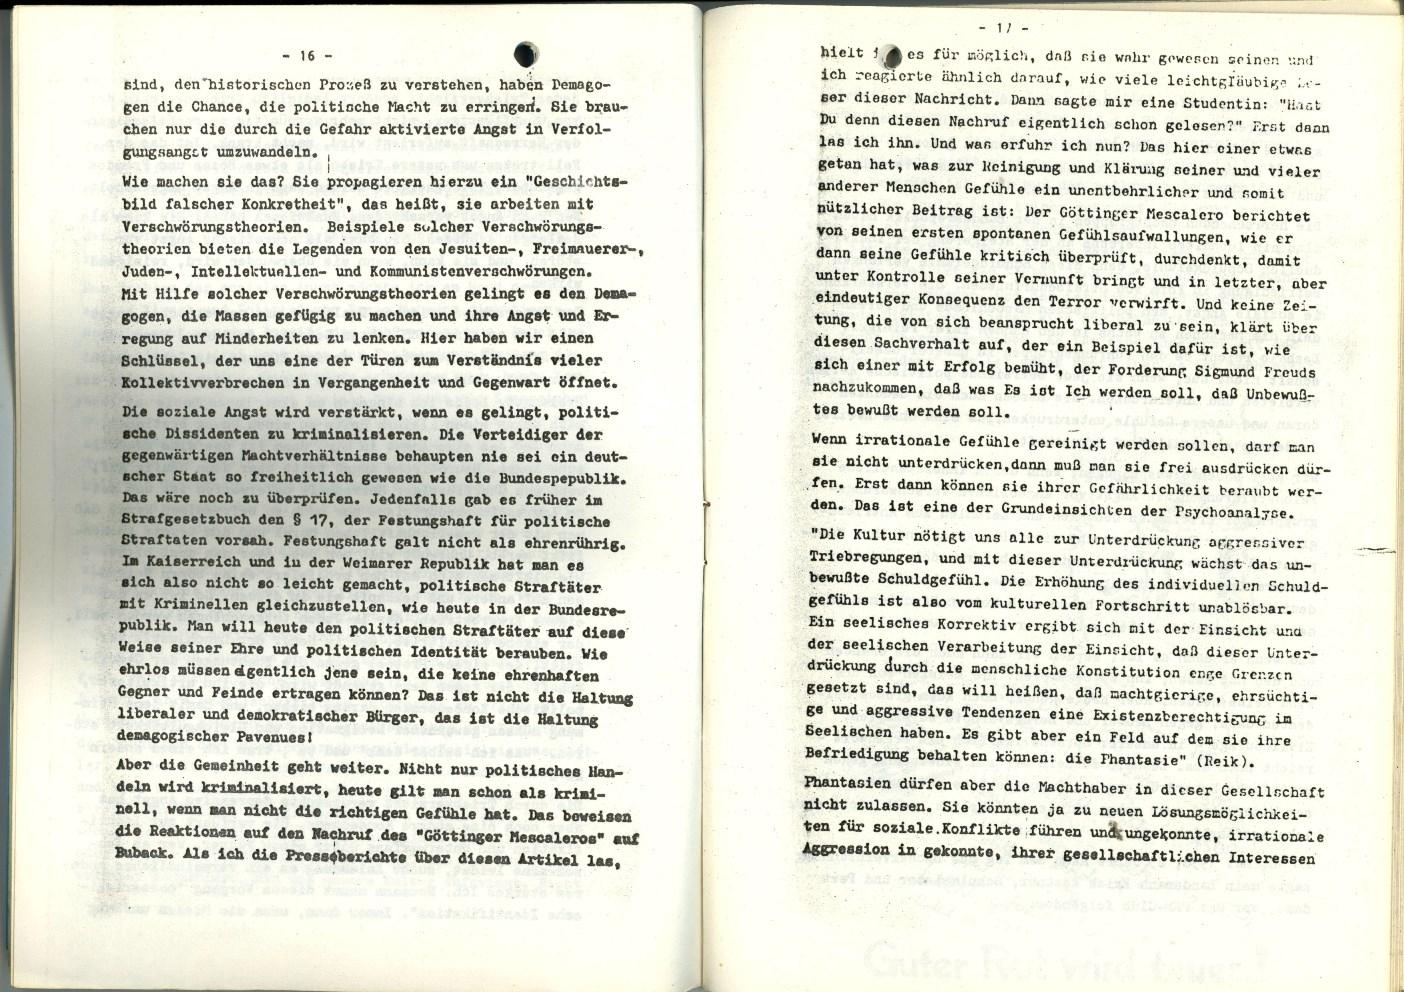 Hamburg_Vorbereitungsgruppe_Russell_Tribunal_Zensur_1978_09